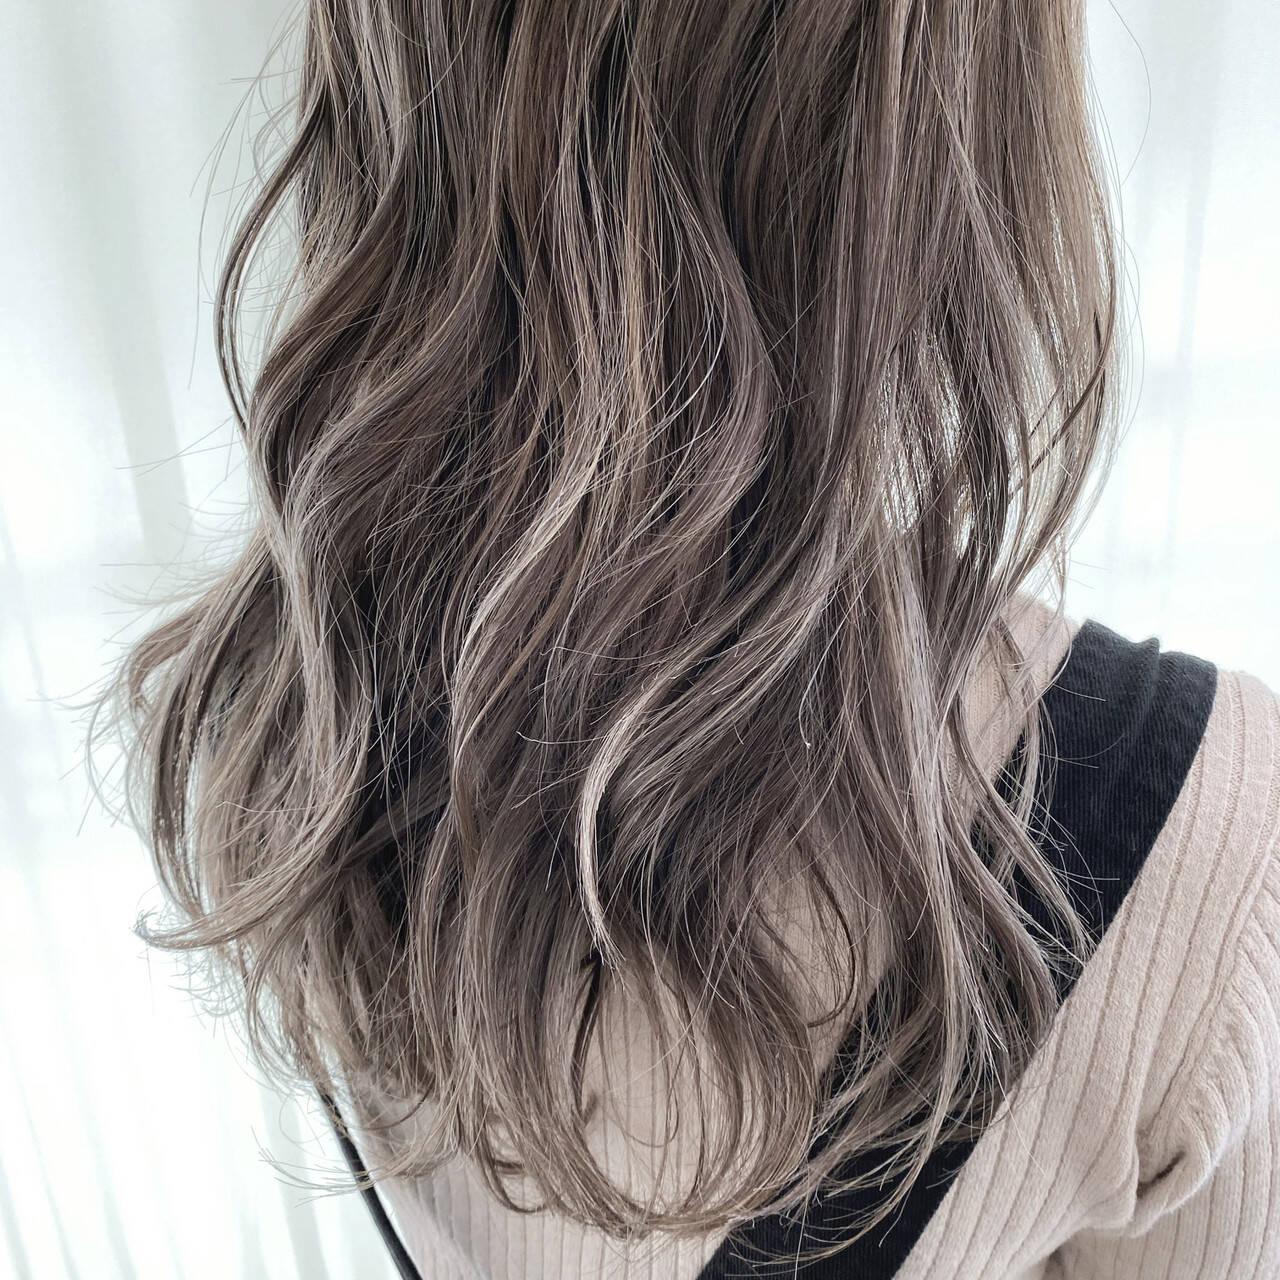 ハイトーン ガーリー ハイライト 3Dハイライトヘアスタイルや髪型の写真・画像